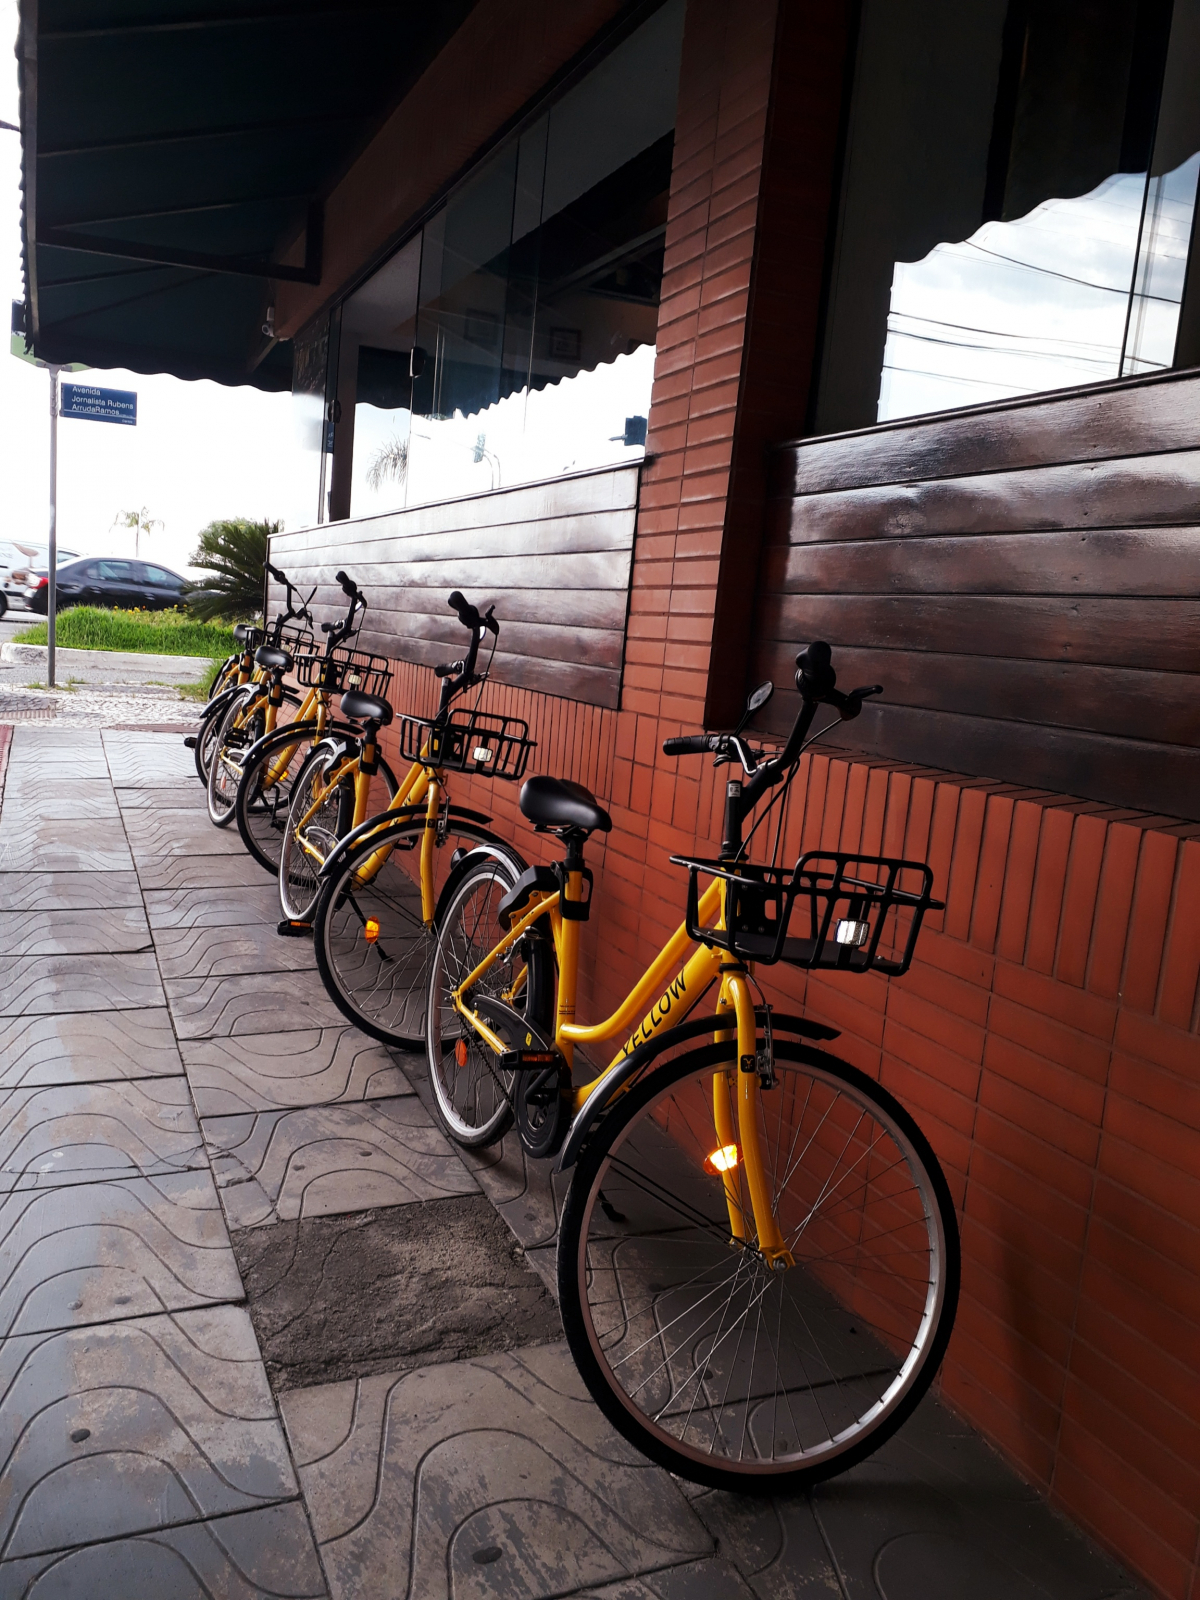 No início, as bicicletas ficavam na porta de uma pizzaria. Mas o estabelecimento conseguiu que elas fossem removidas para a calçada lateral - Carlos Damião